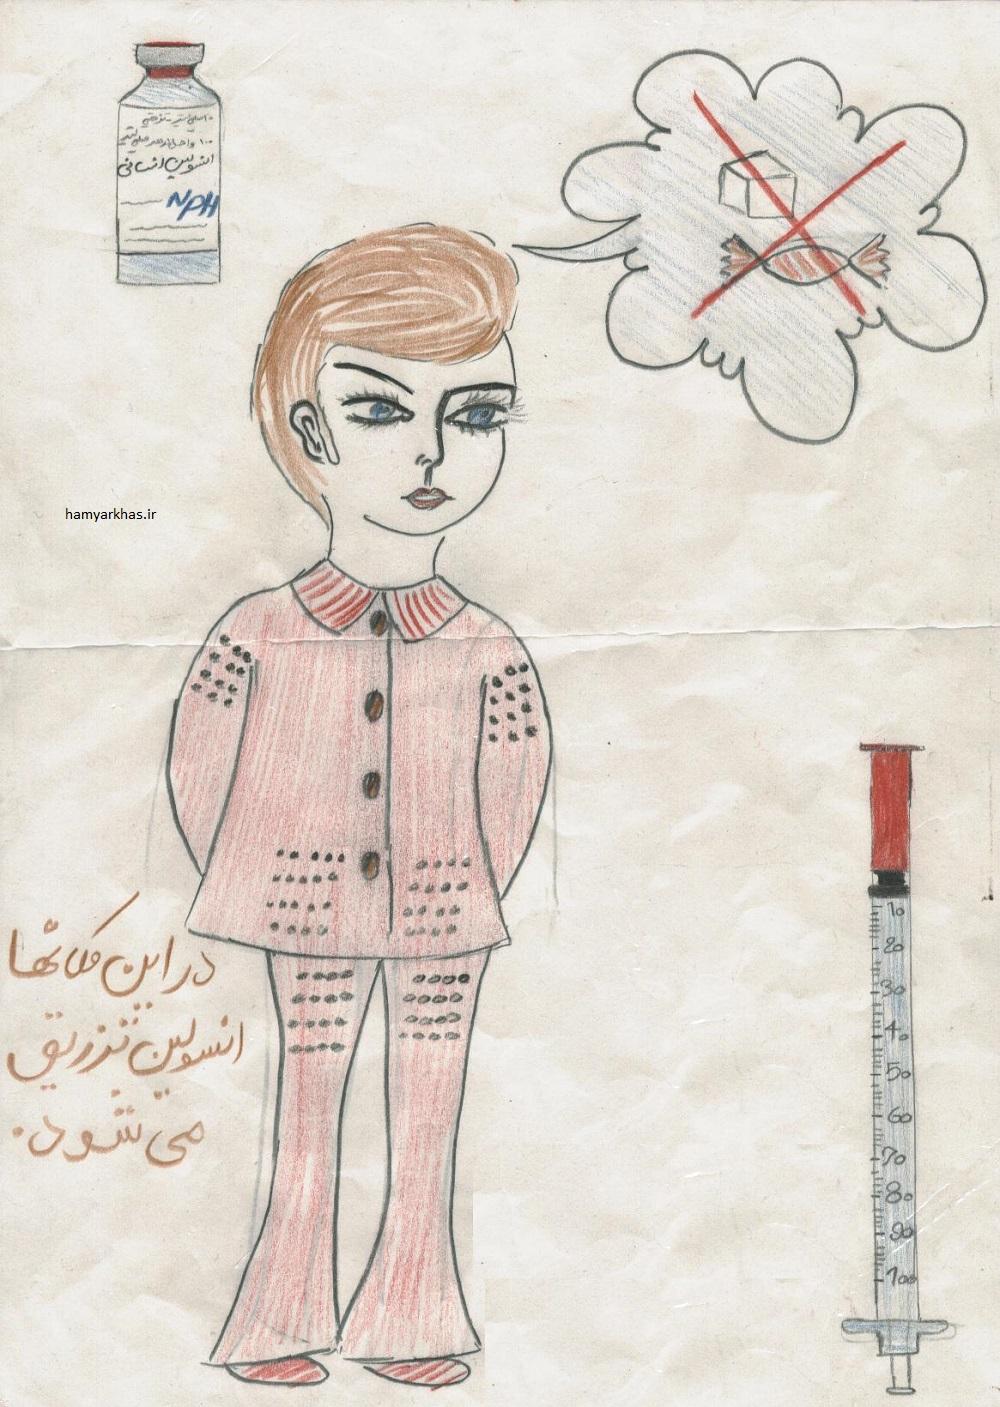 نقاشی در مورد دیابت (3).jpg